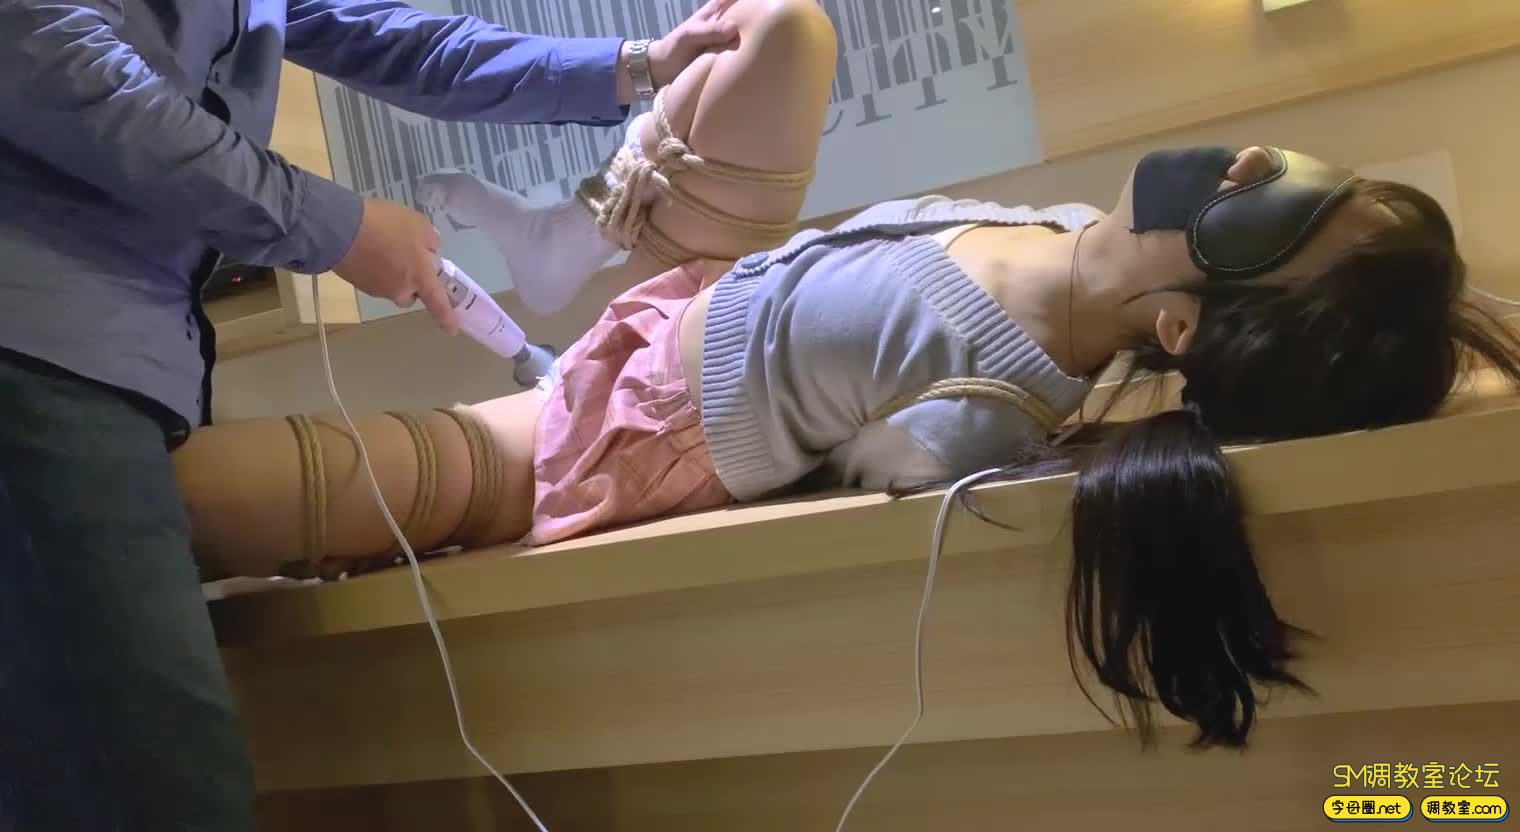 HUI 新收一枚00后萝莉M叫【潼潼】,超狠SP,强制GC-视频截图8